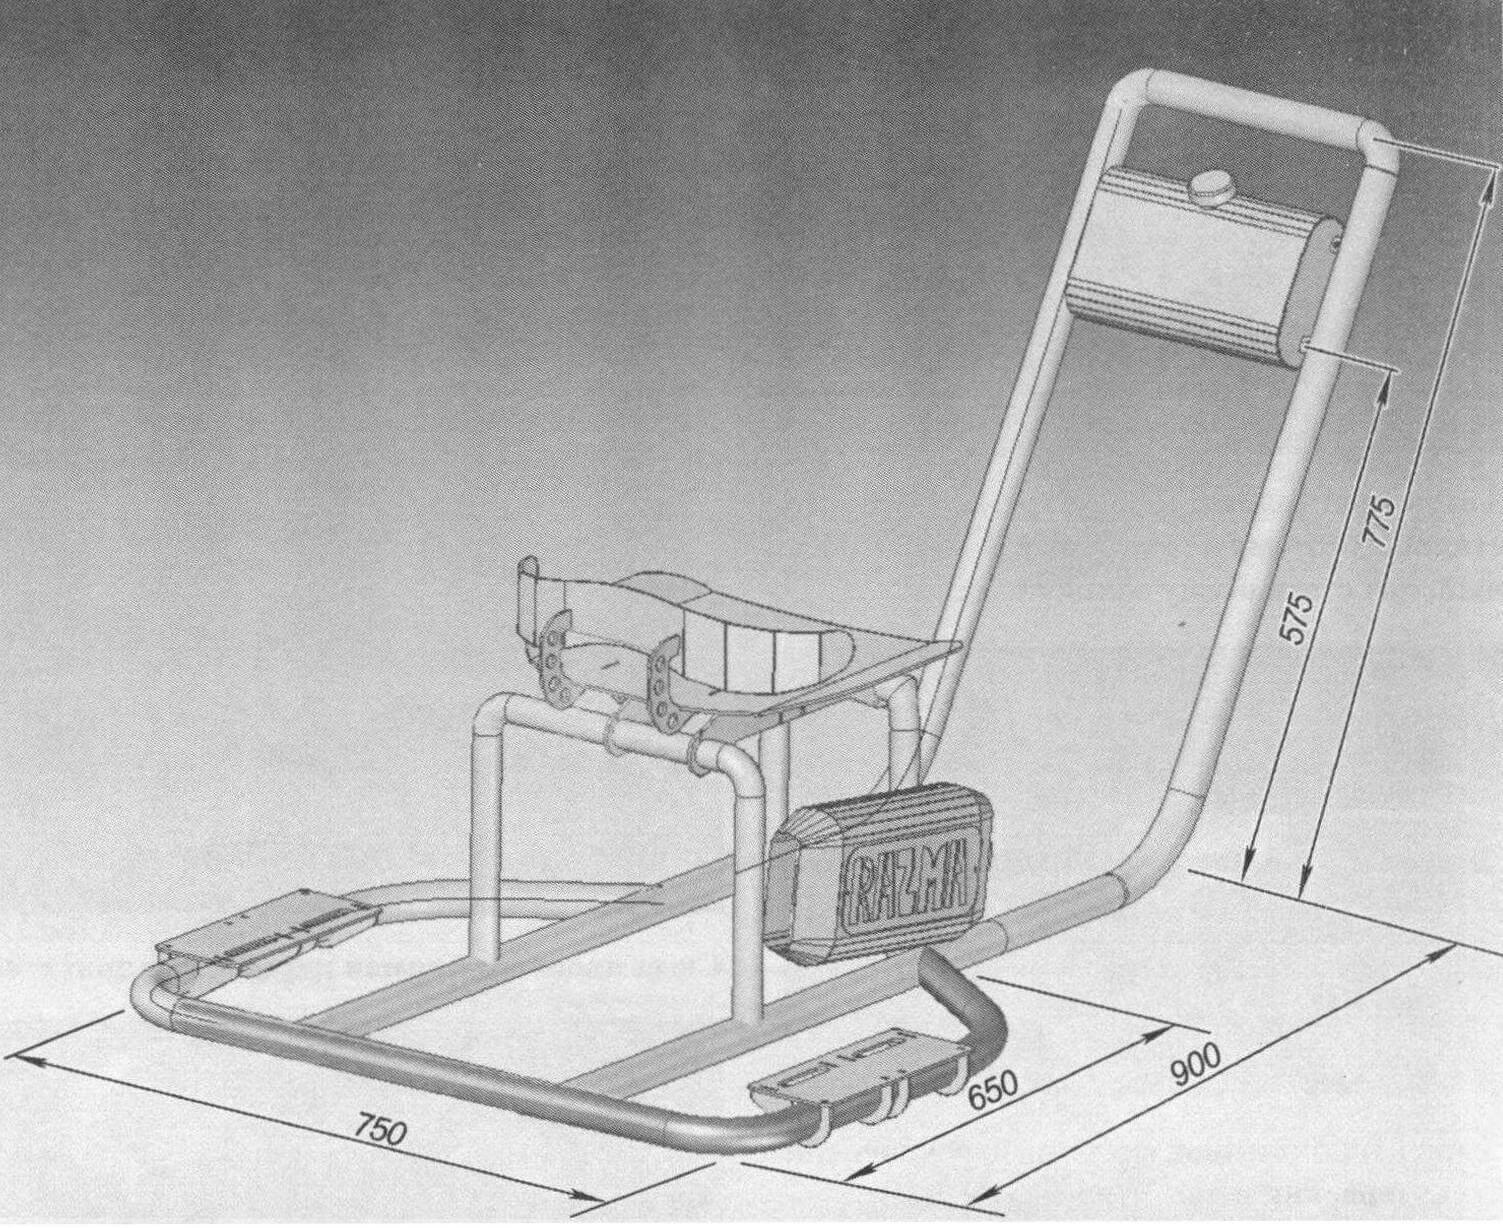 Рама машины была смоделирована и рассчитана на компьютере